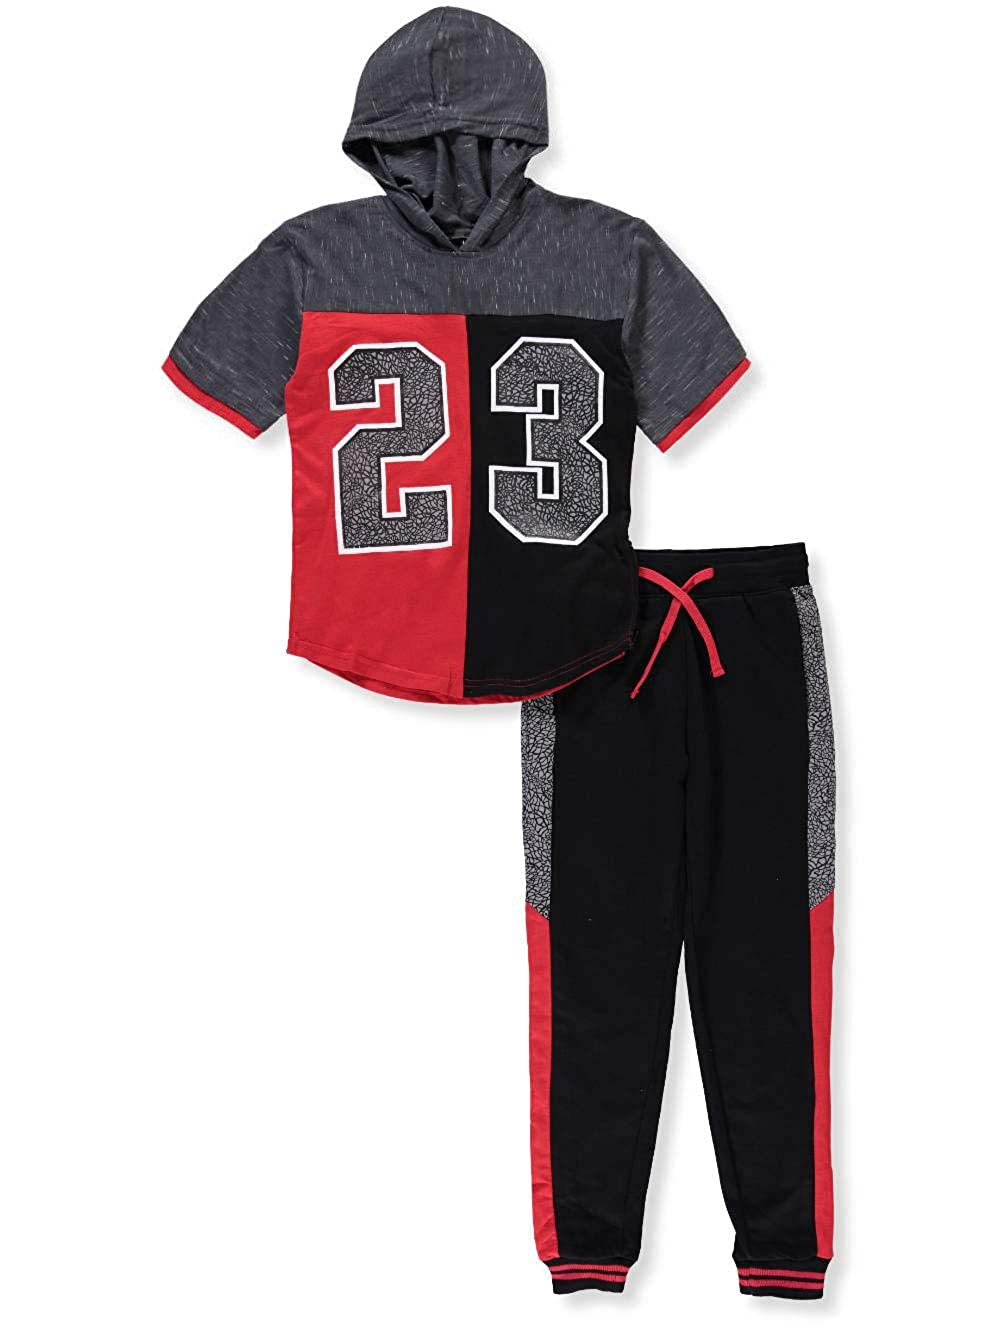 Quad Seven Boys' 2-Piece Pants Set Outfit 16-18